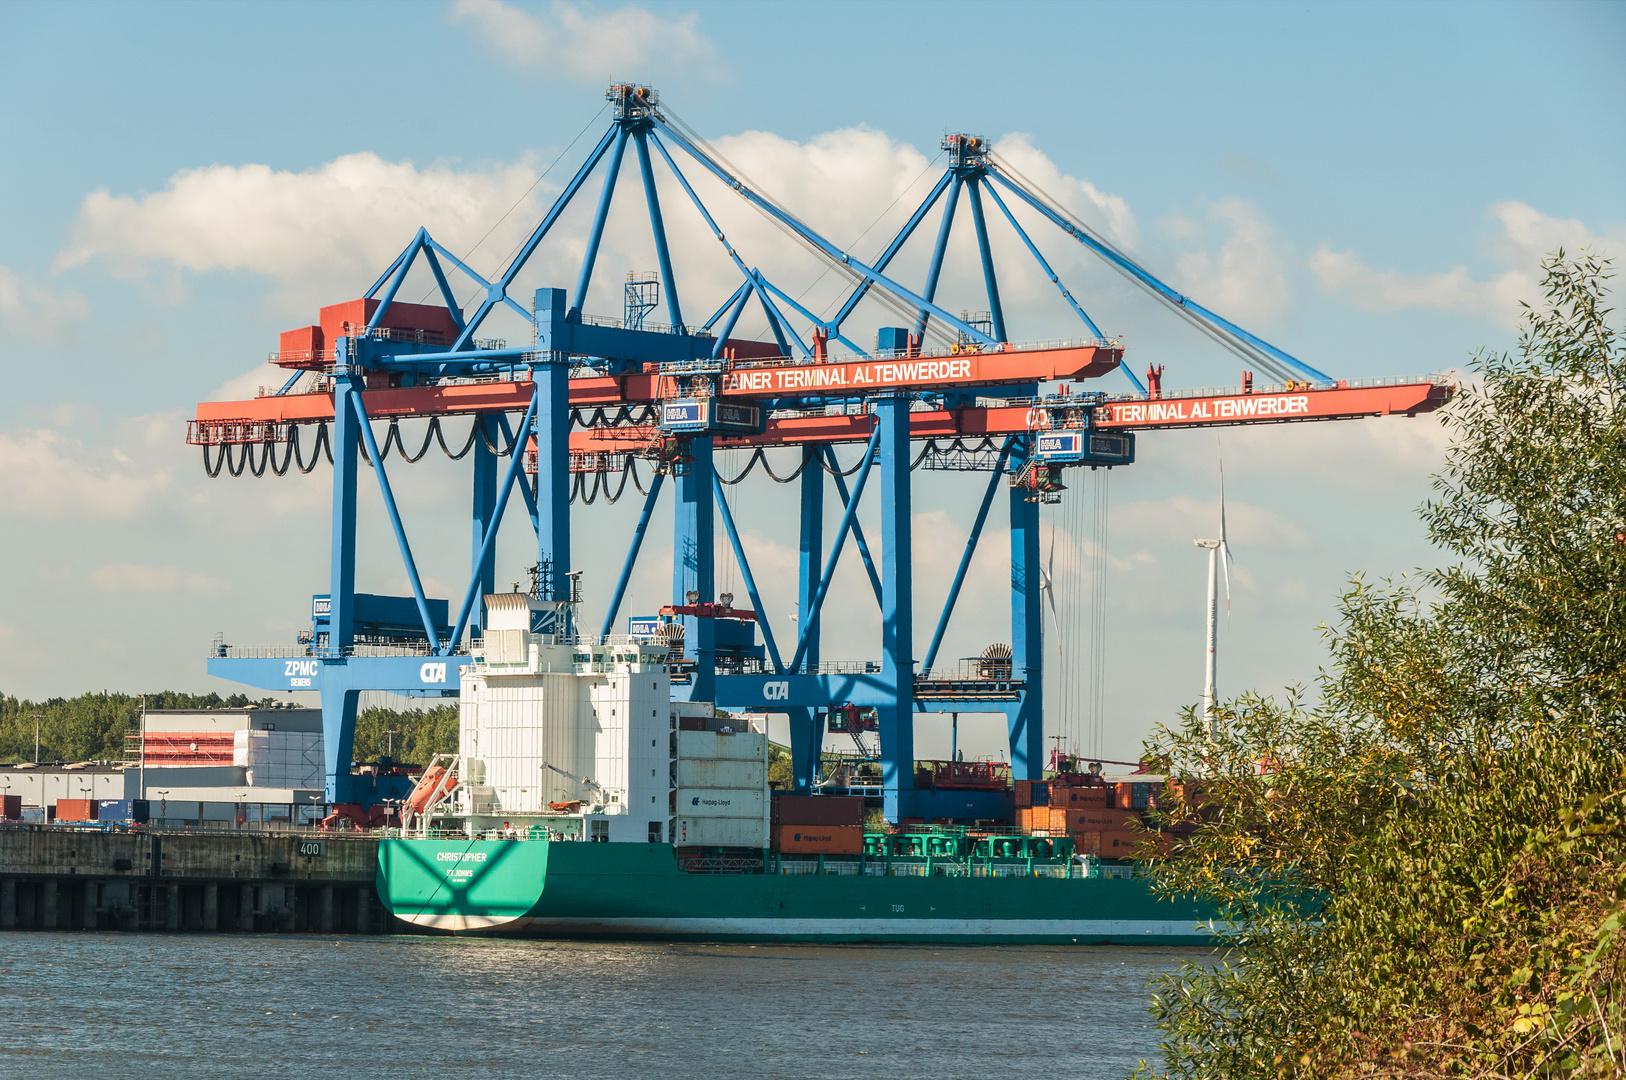 Feeder Am Containerterminal Hamburg Altenwerder Foto Bild